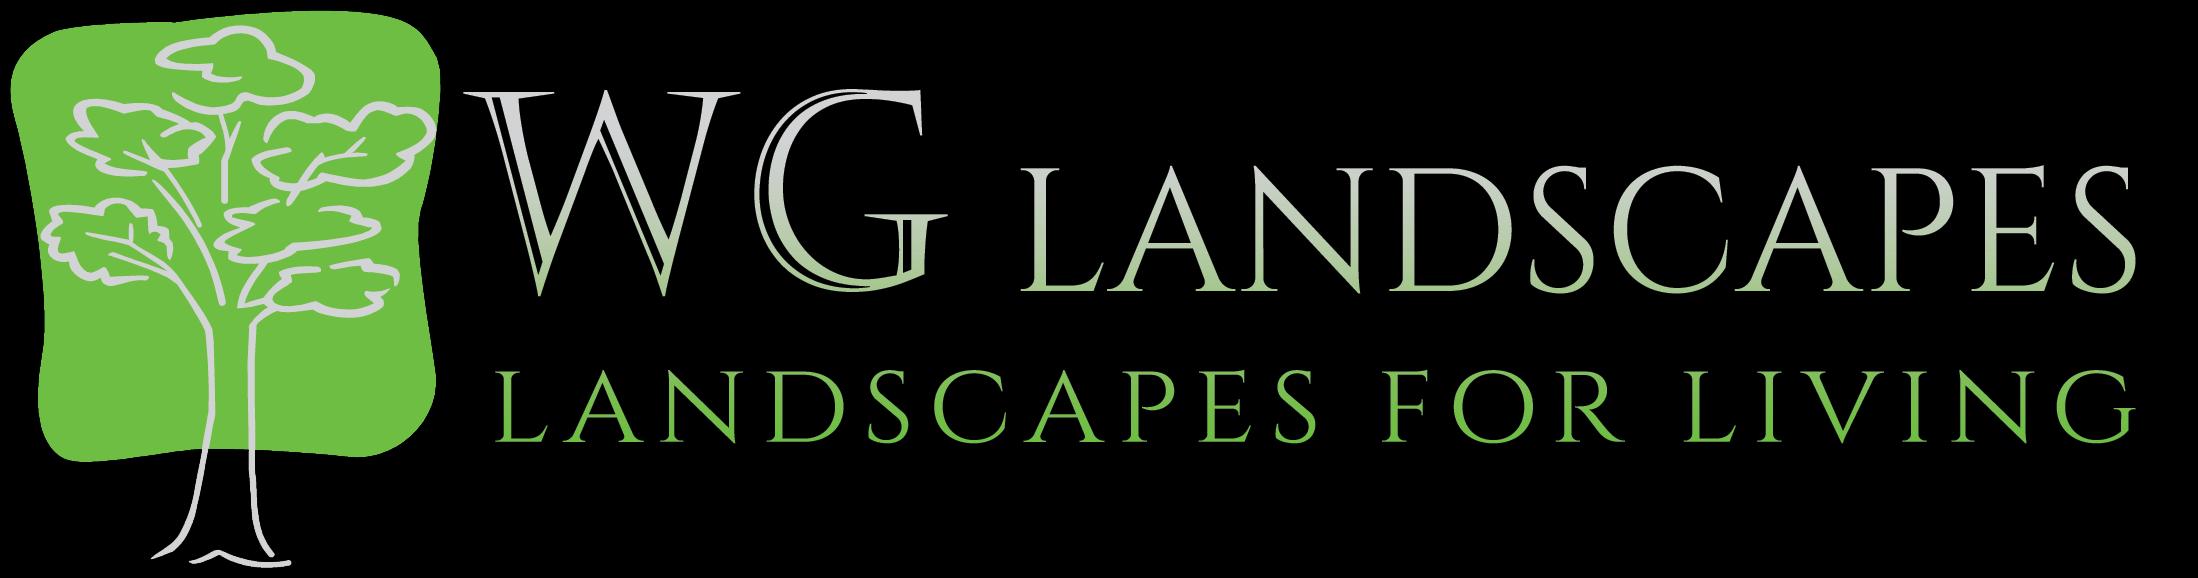 WG landscapes